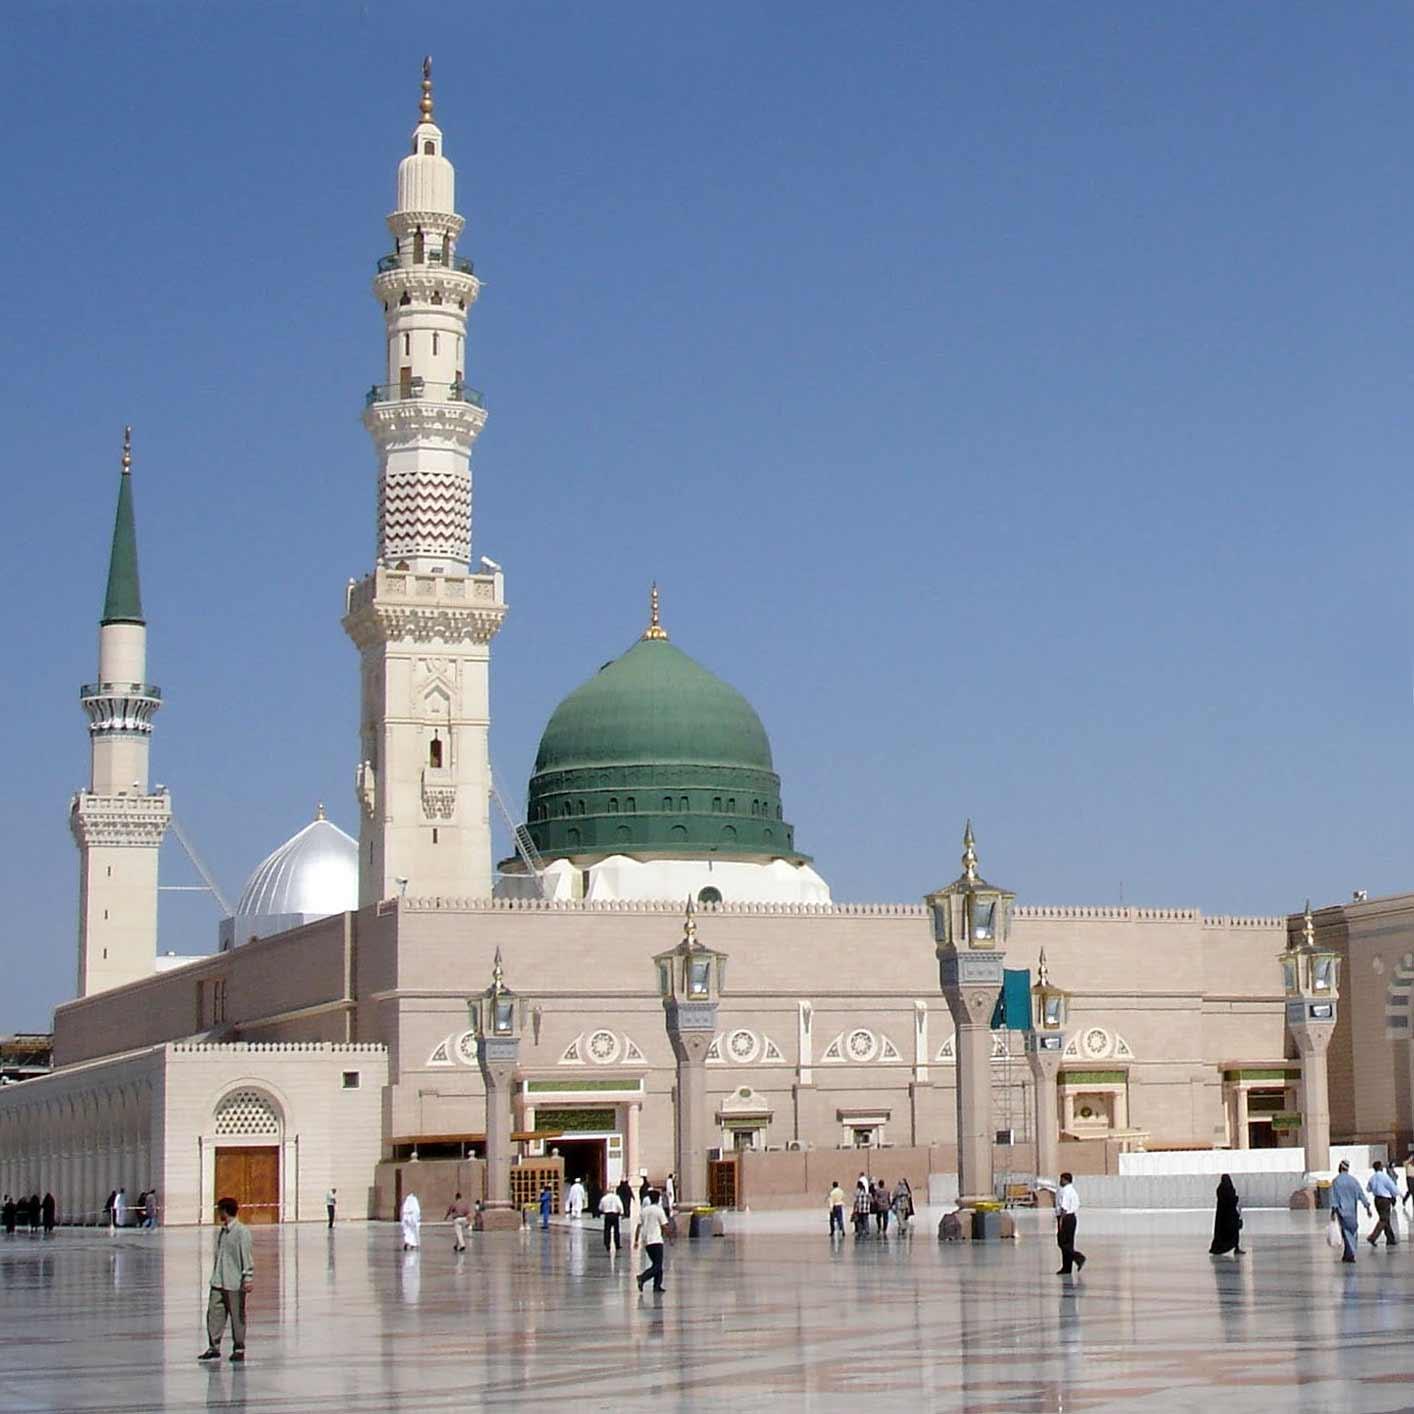 Зелений купол над могилами пророка Мухаммеда, перших мусульманських халіфів Абу Бакра та Умара і порожньої могили для Ісуса Христа в південно-східному кутку Мечеті Пророка в Медині